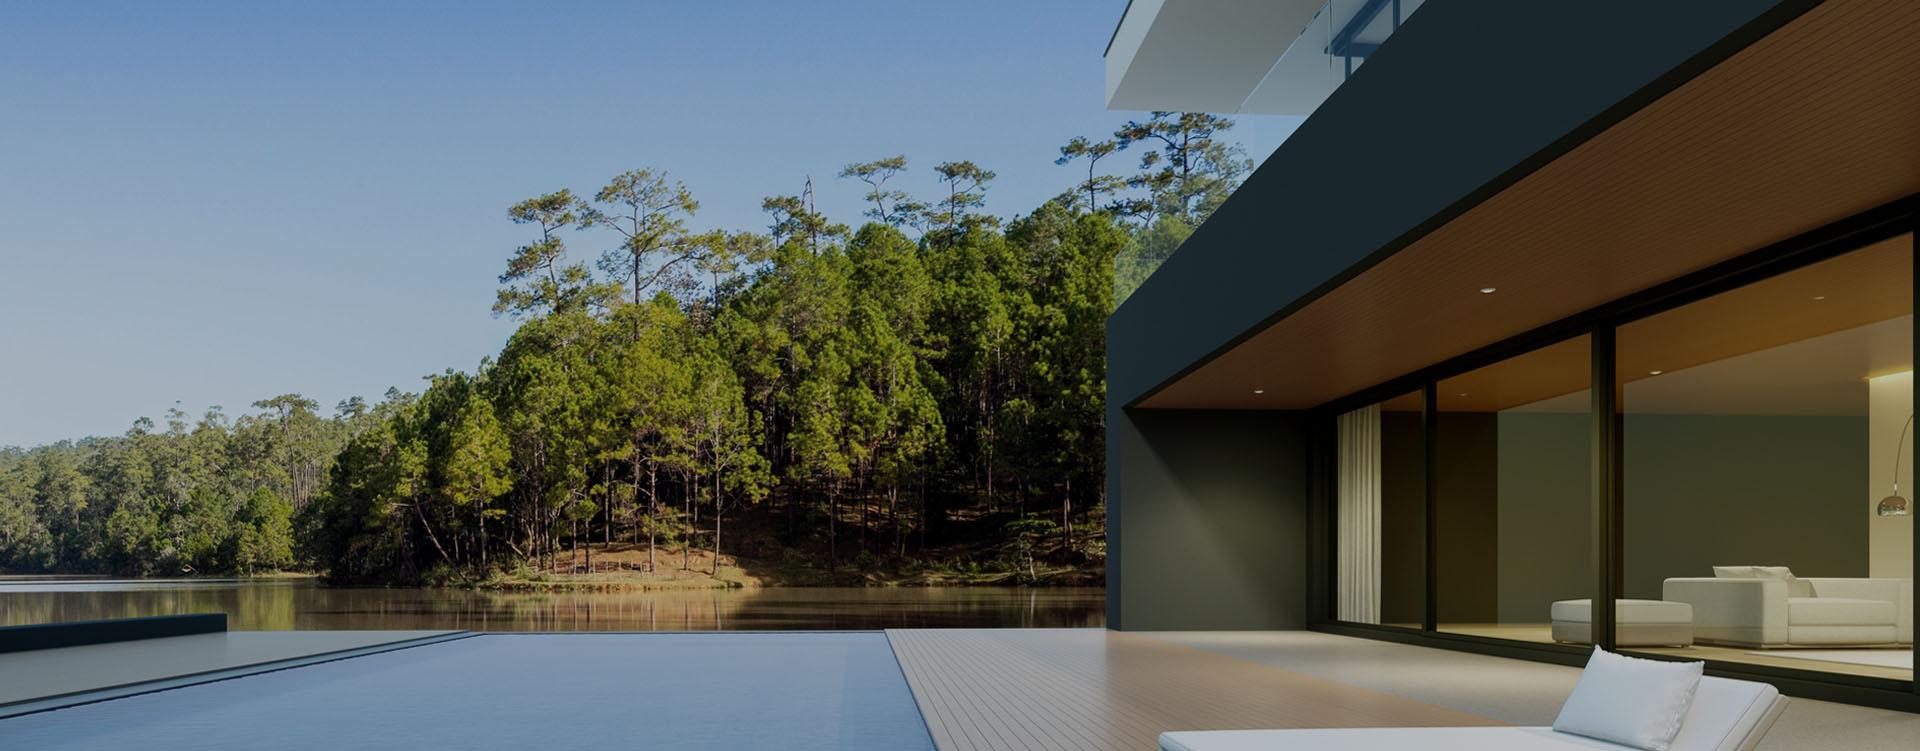 ¿Son las casas con estructura de acero el futuro?